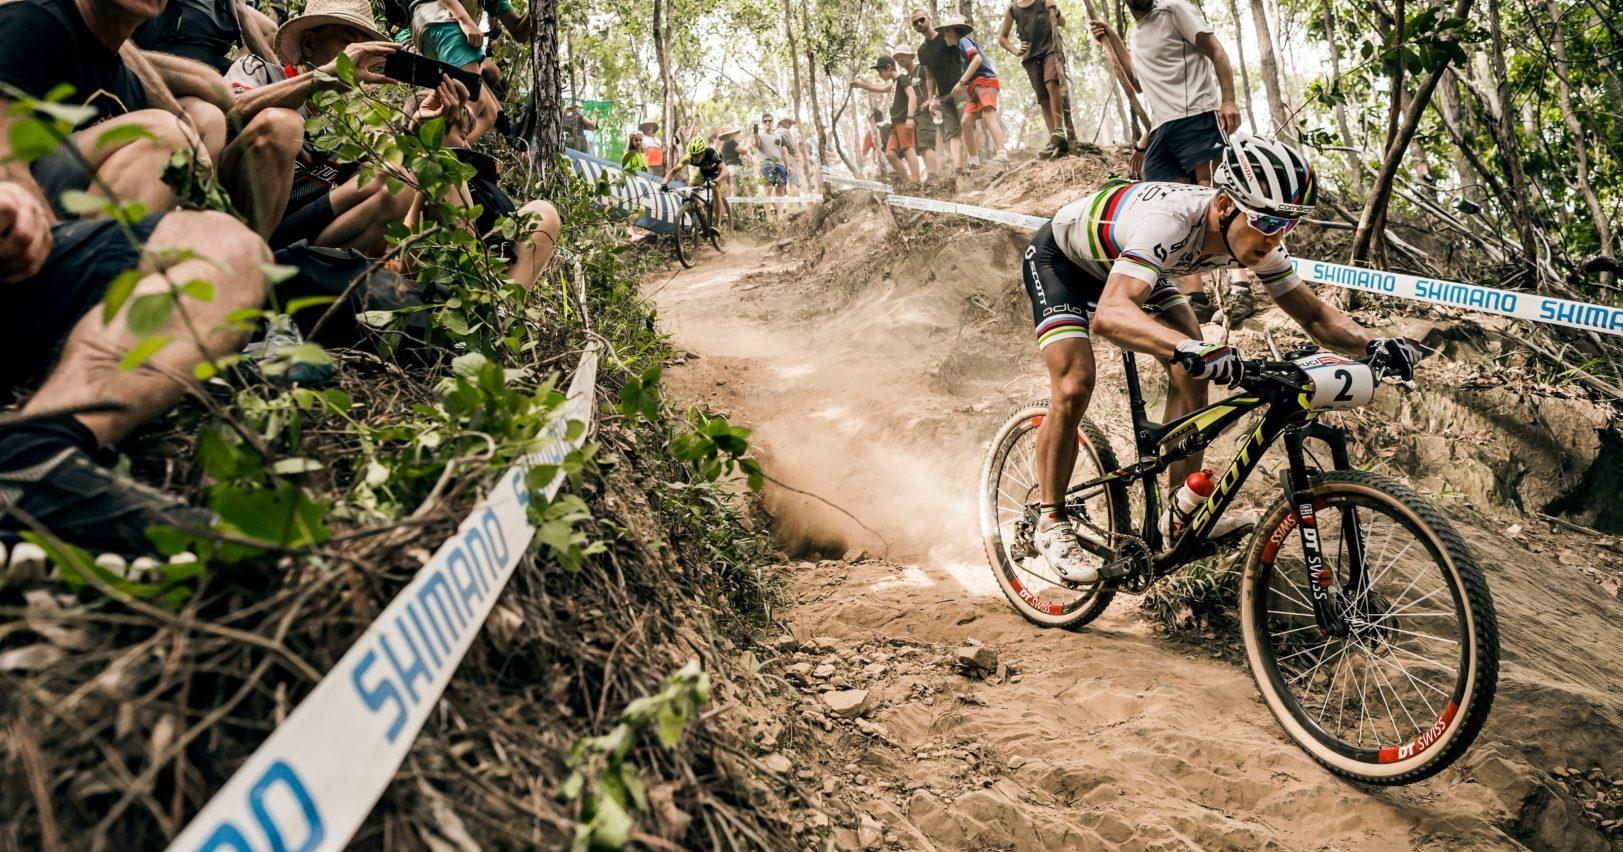 Mistrzostwa Świata w kolarstwie górskim 2017 – Cairns, Australia [relacja]